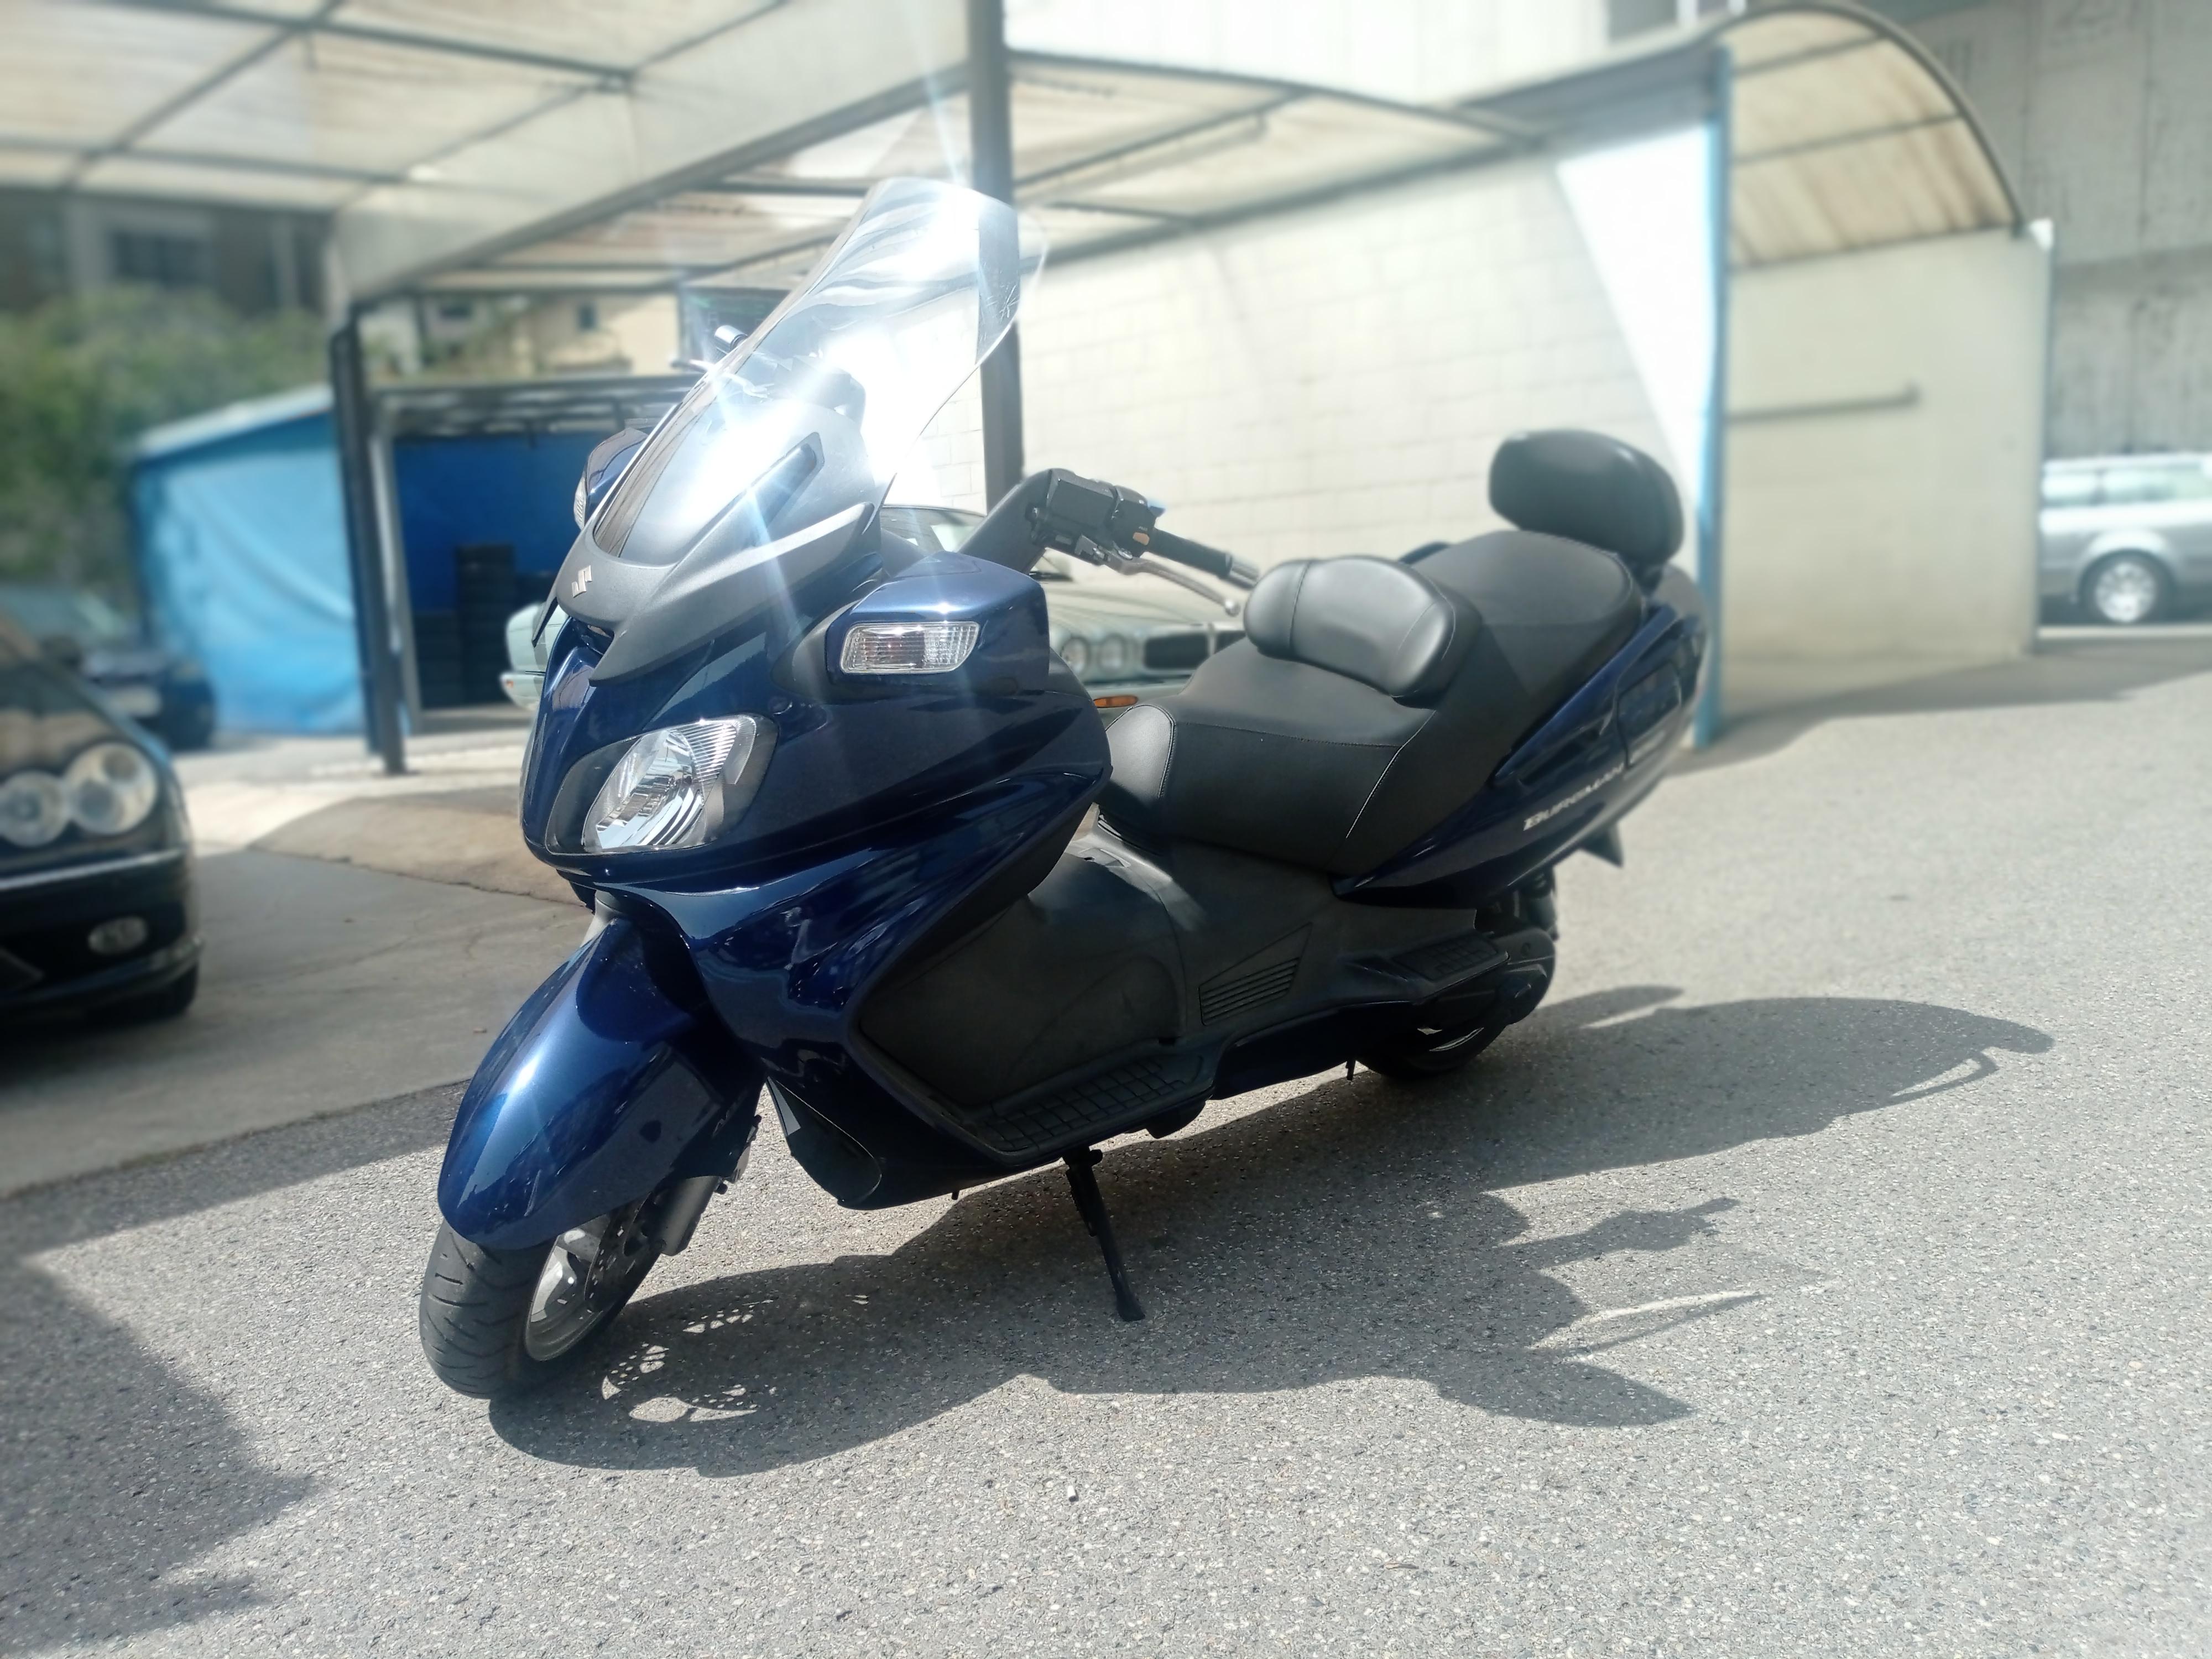 Suzuki - Burgman 650 Benzina  2006  16.000 Km